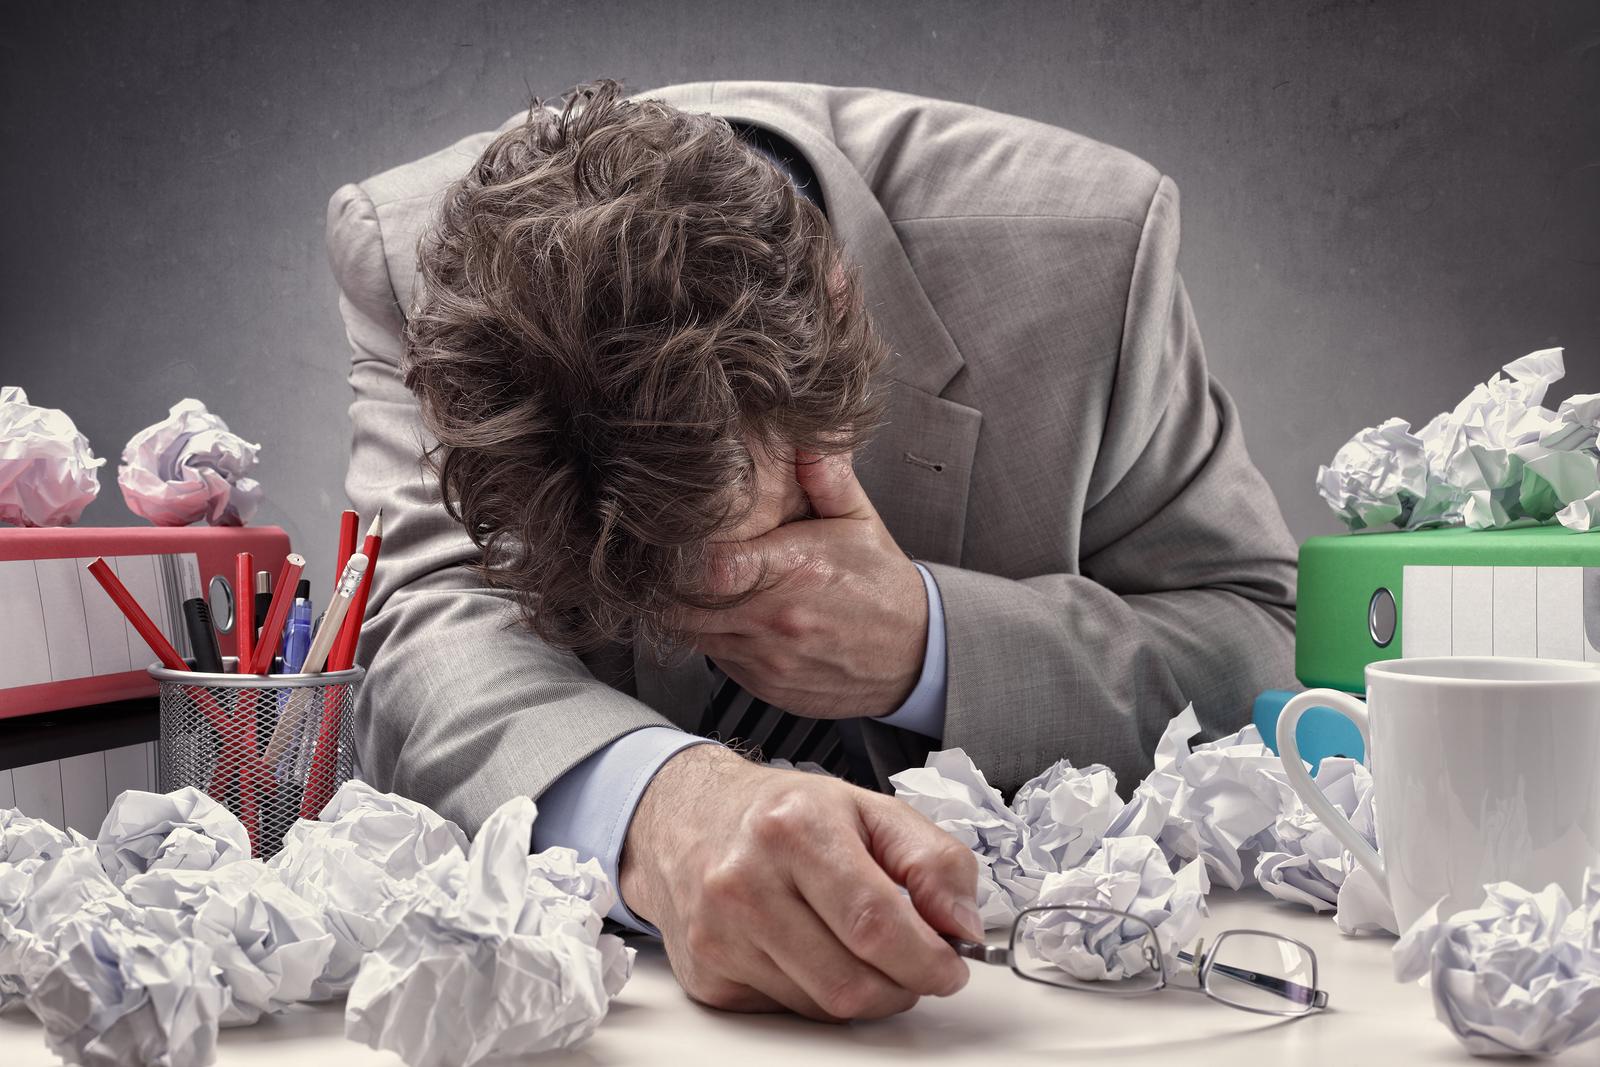 פיתוח רעיון - מדוע מיזמים חדשים עלולים להיכשל?